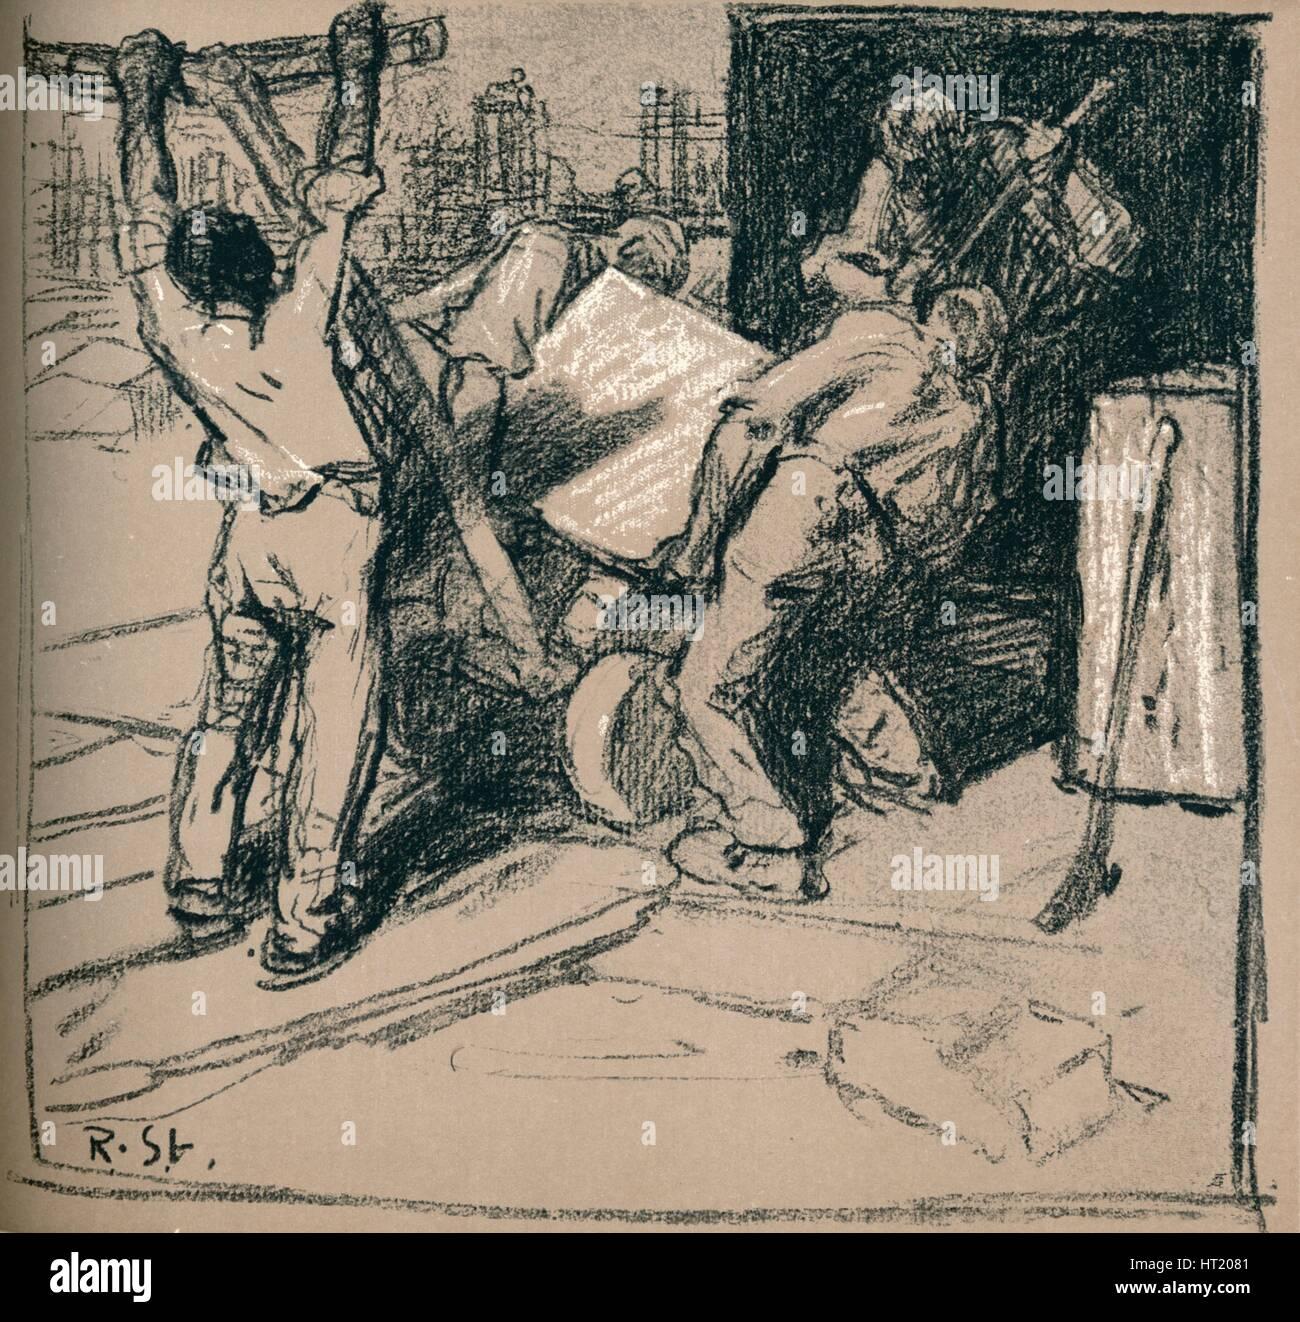 'Quarrymen', c1900 (1902). Artist: Robert Hermann Sterl. - Stock Image